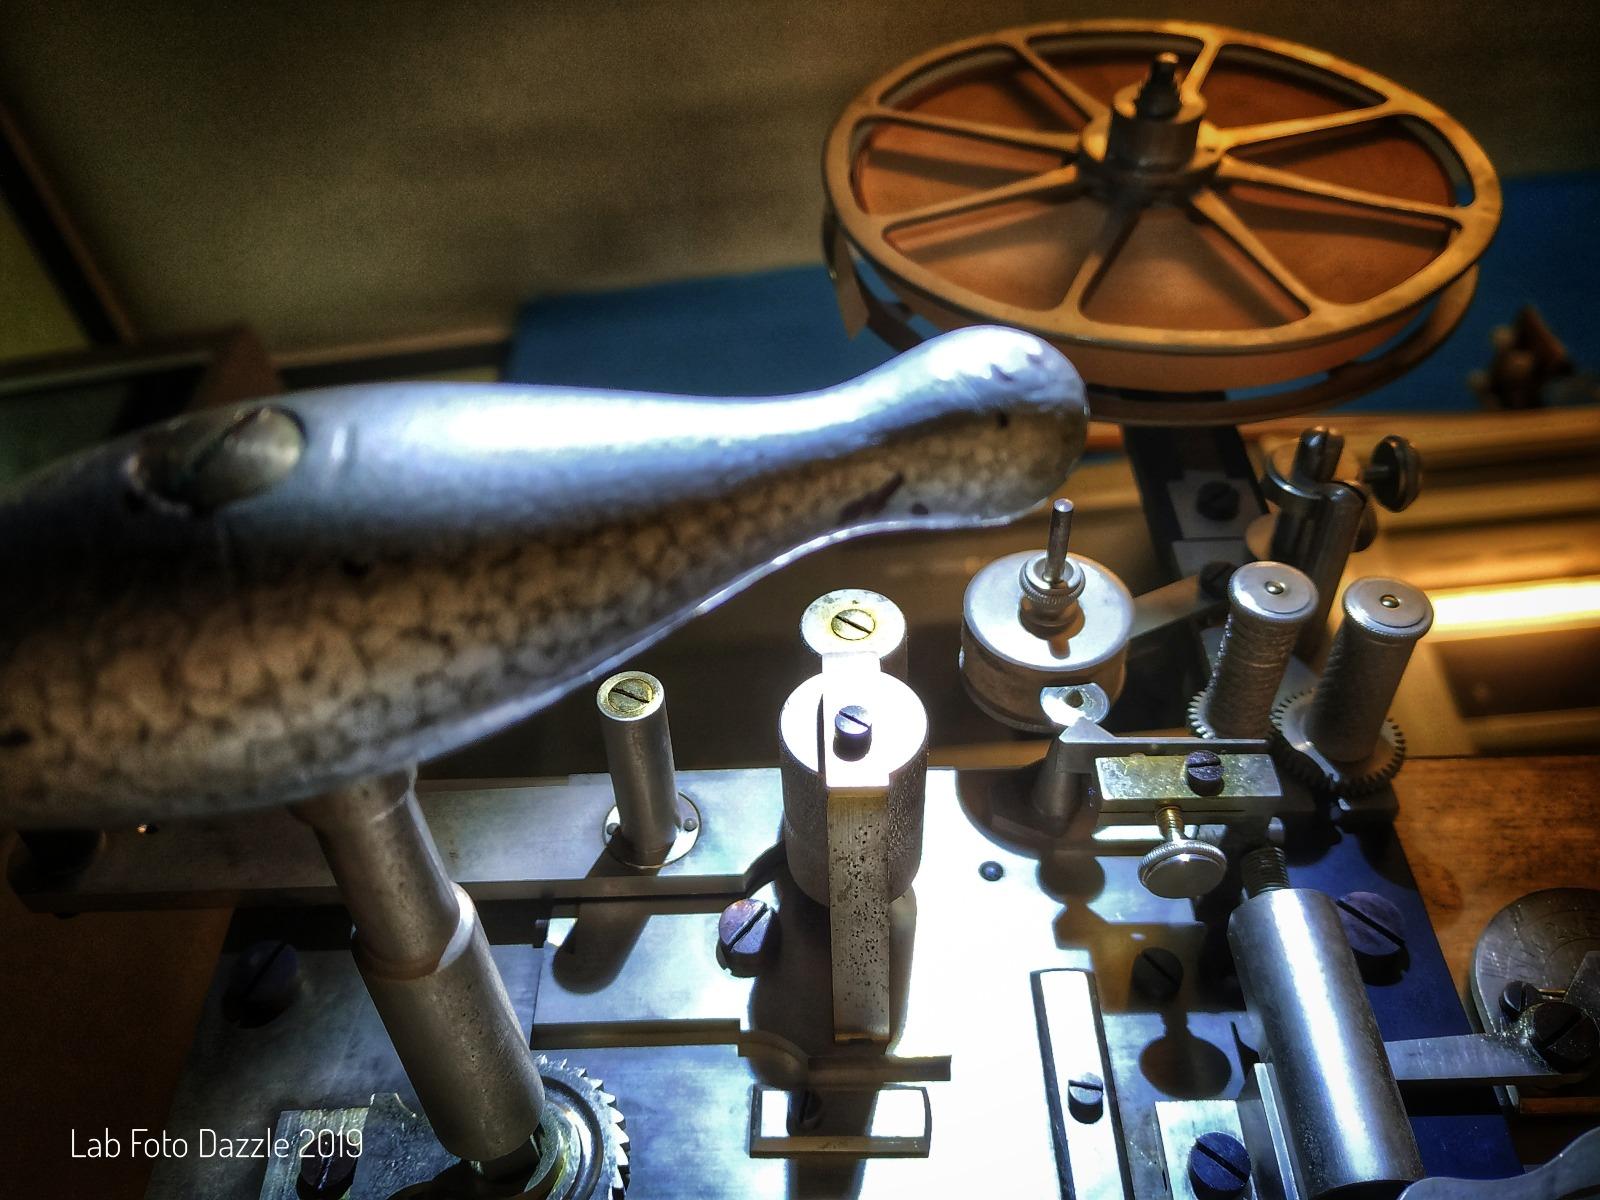 Laboratorio di Fisica: strumenti dei primi del '900